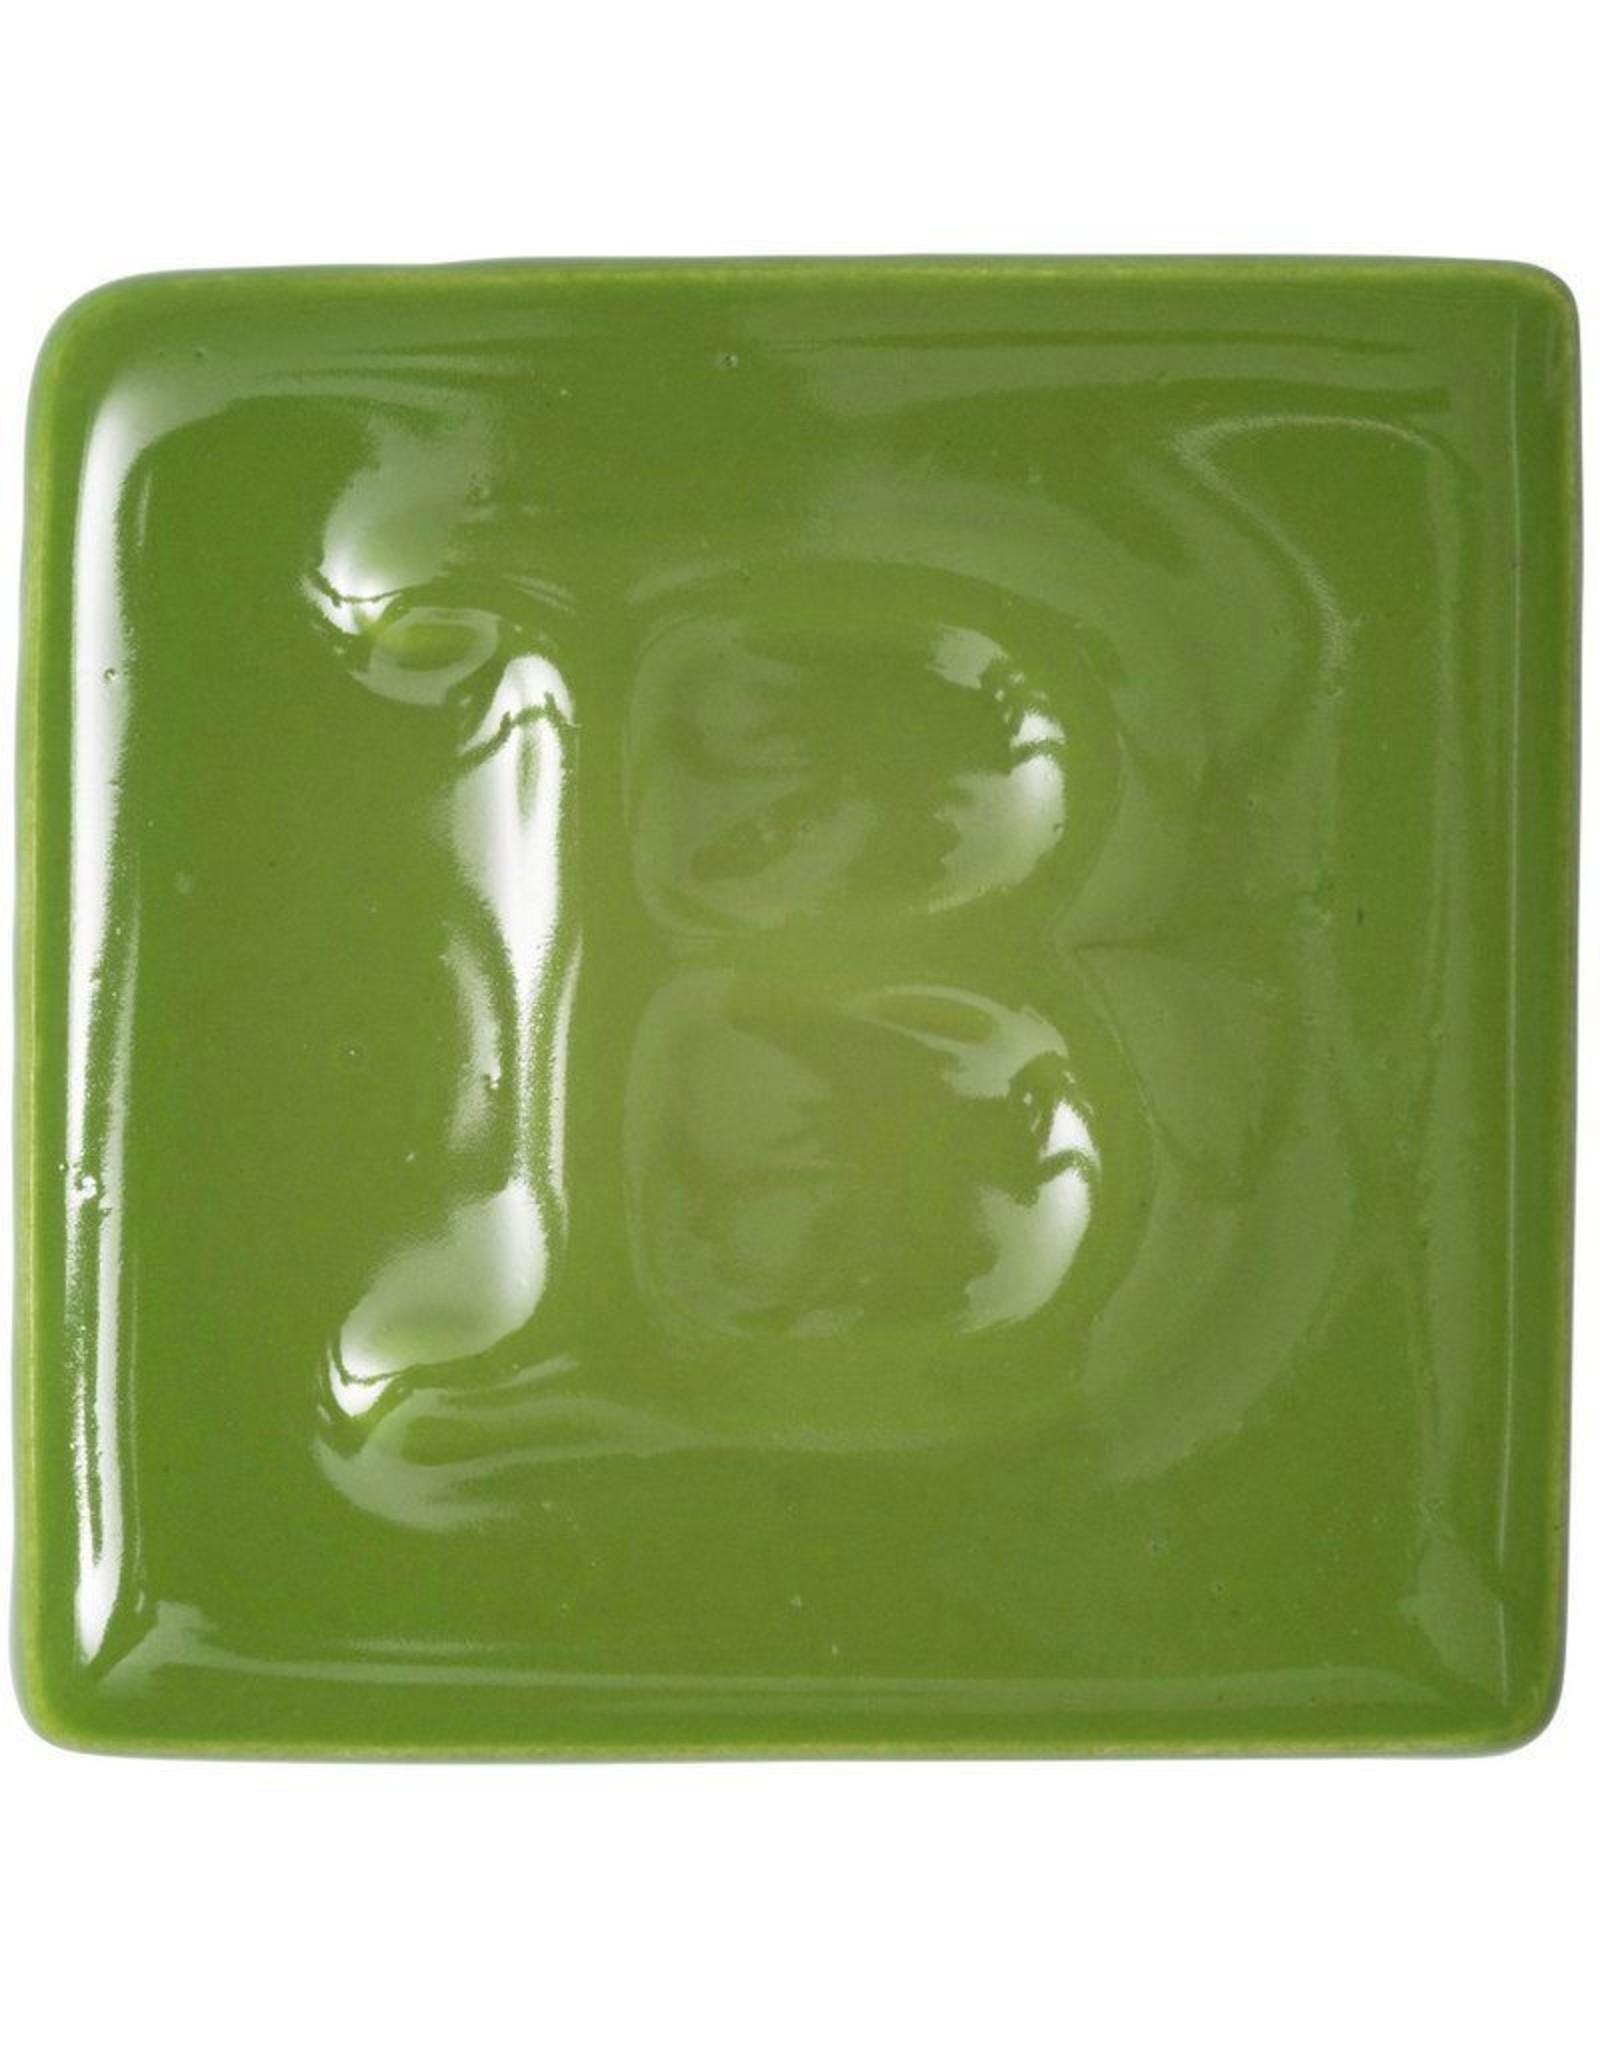 Botz Apple Green 200ml